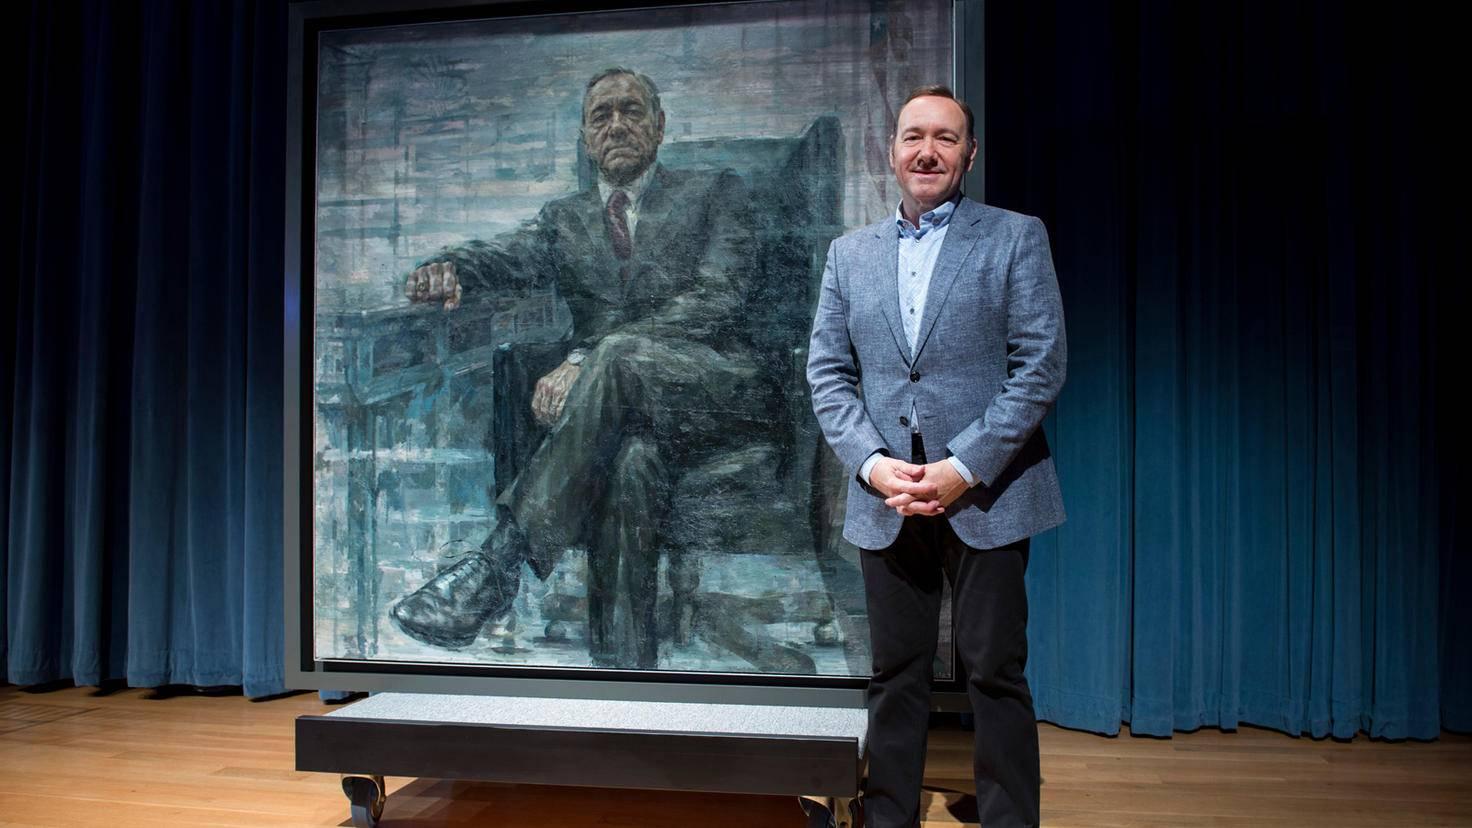 Bitte lächeln! Im Zuge einer Promo-Aktion wurde von Fake-Präsident Frank Underwood ein Portrait im Smithsonian's aufgehängt.